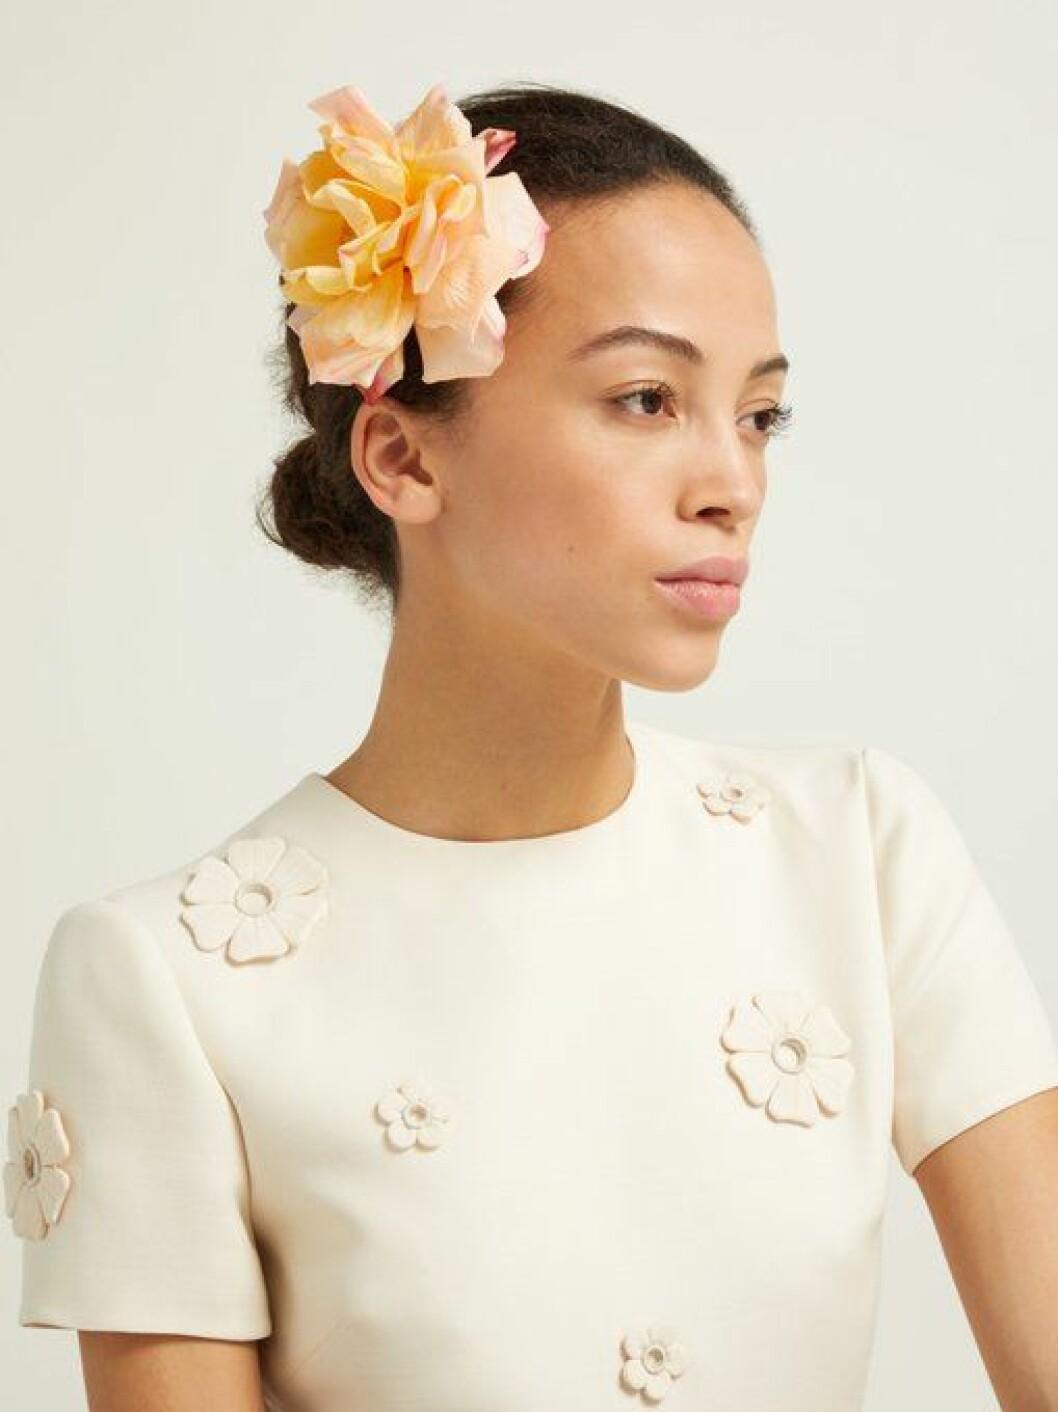 En bild på en hårnål i form av en ros från Philippa Craddocks nya kollektion på Matchesfashion.com..